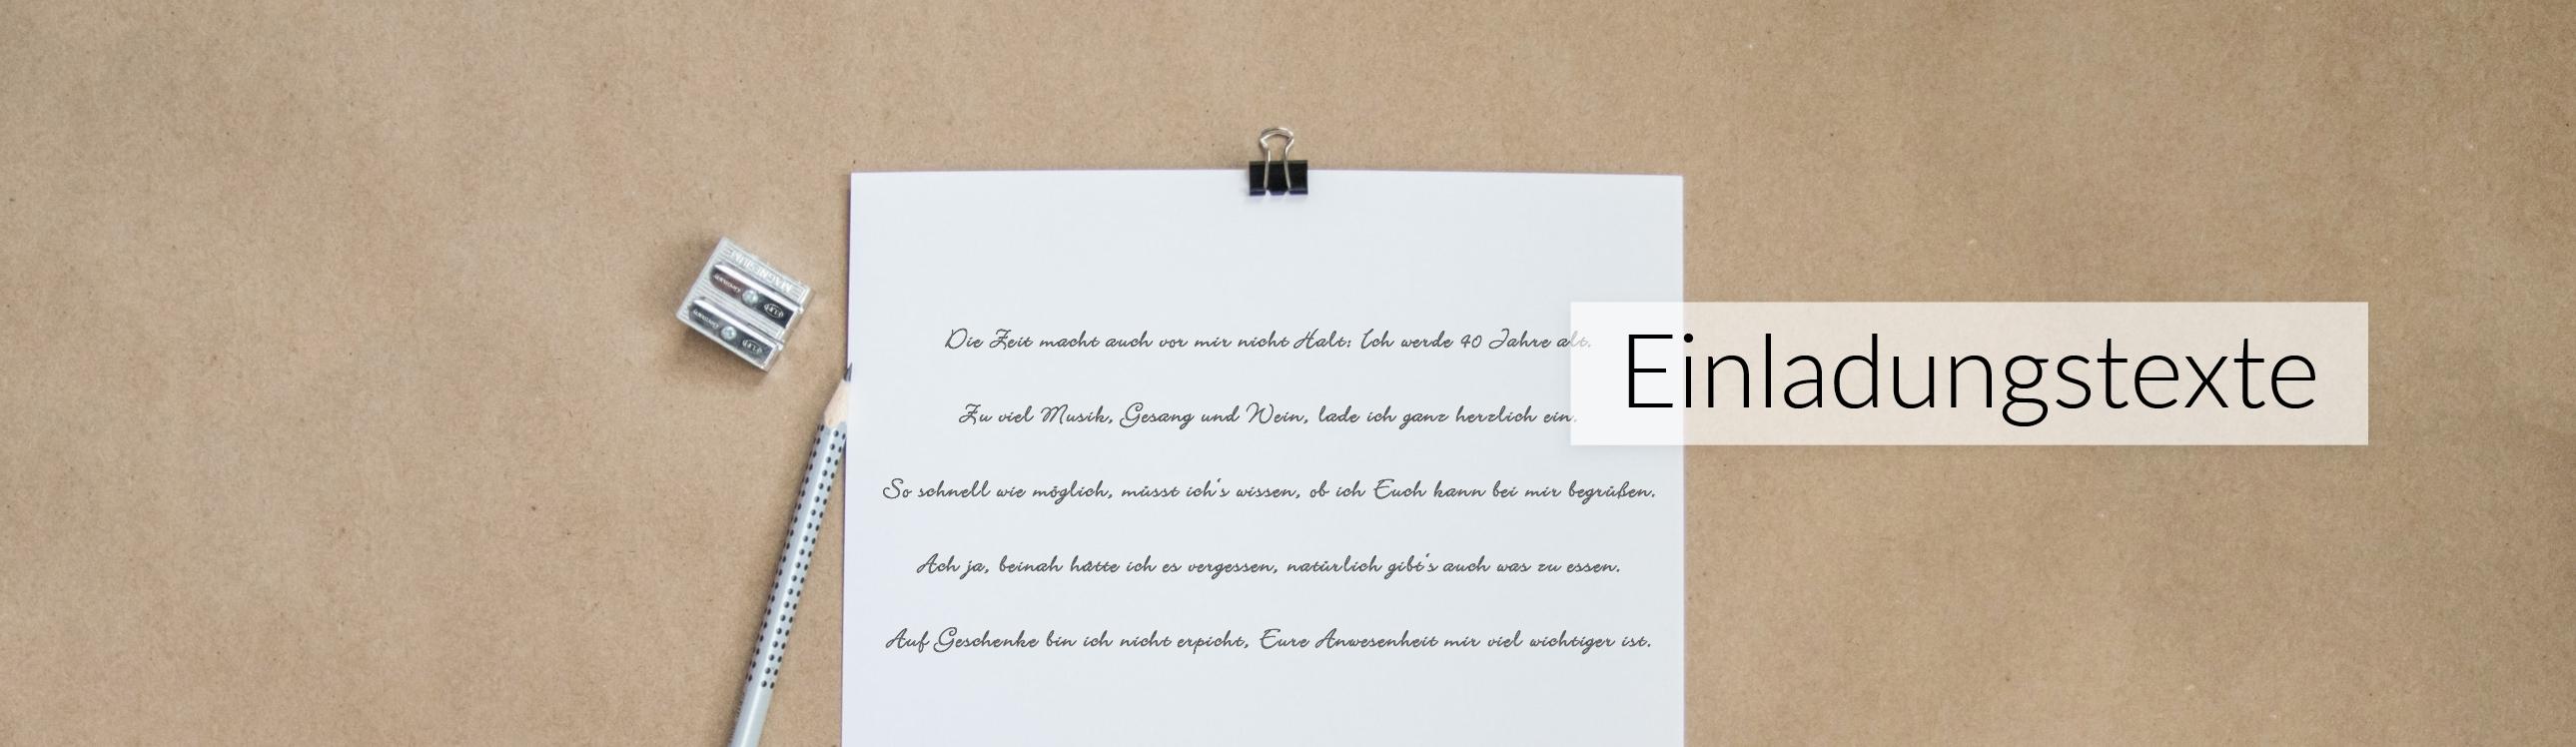 Einladungstexte Dankestexte Gedichte Textvorschlge zur